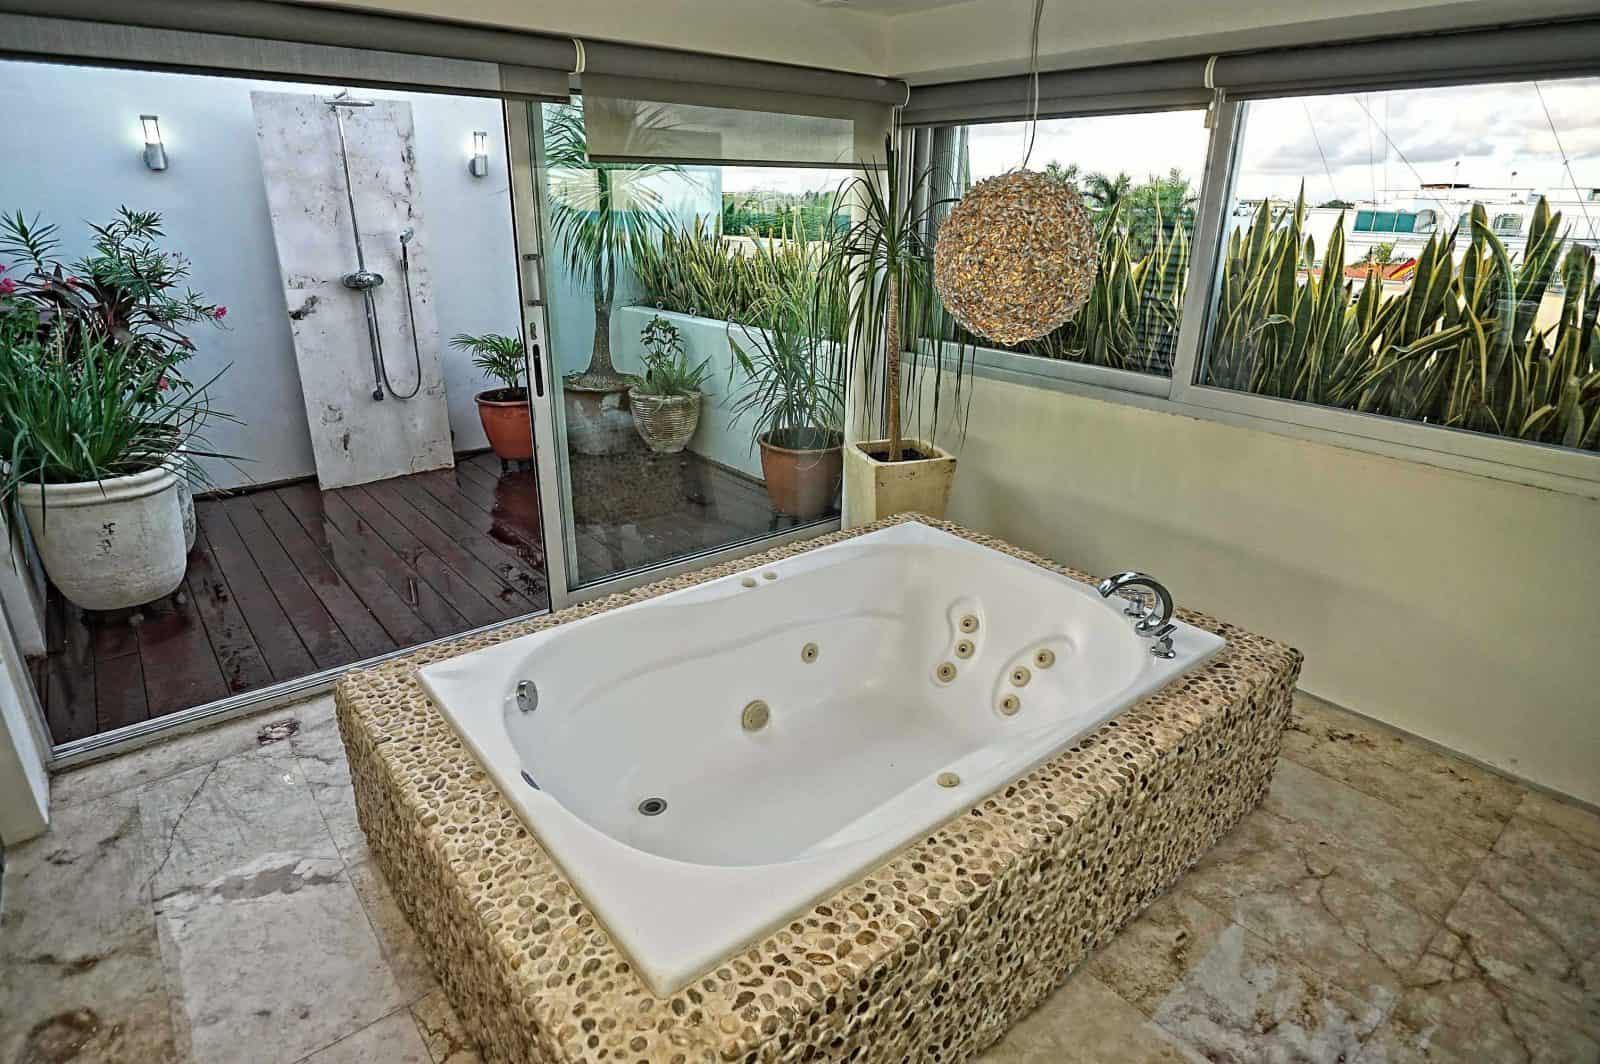 Magia enormous master suite bathroom plus jacuzzi